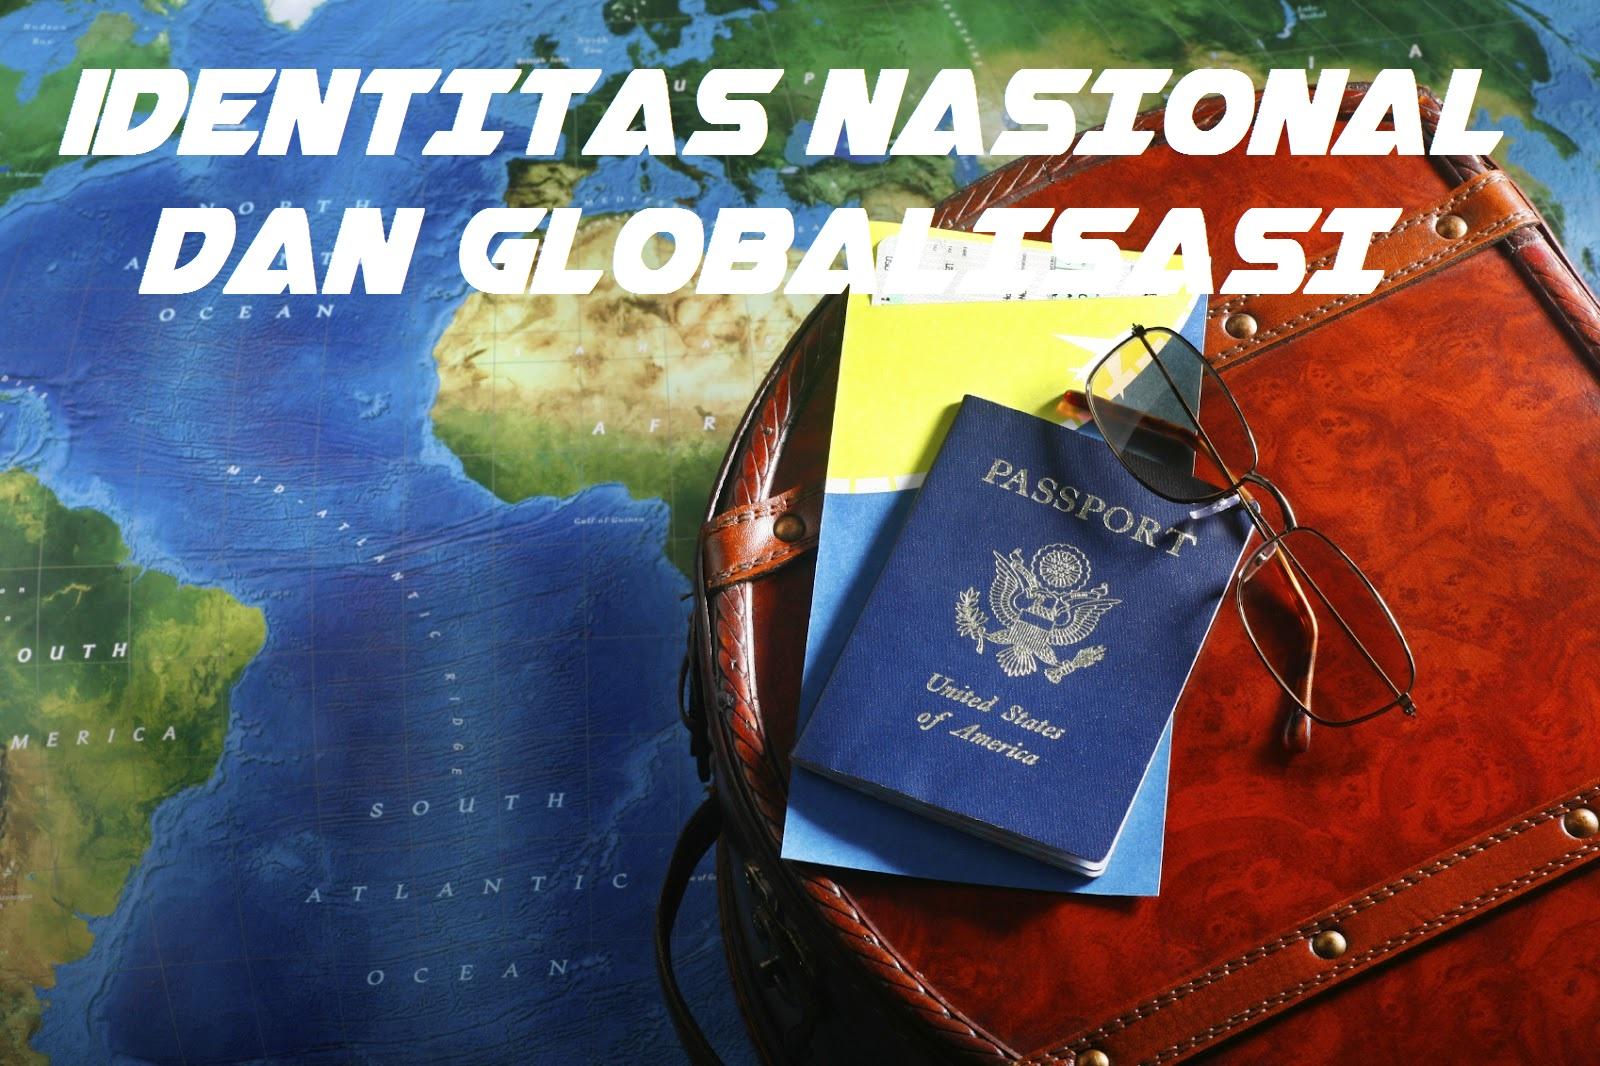 Makalah Identitas Nasional Dan Globalisasi Zikrullah 21